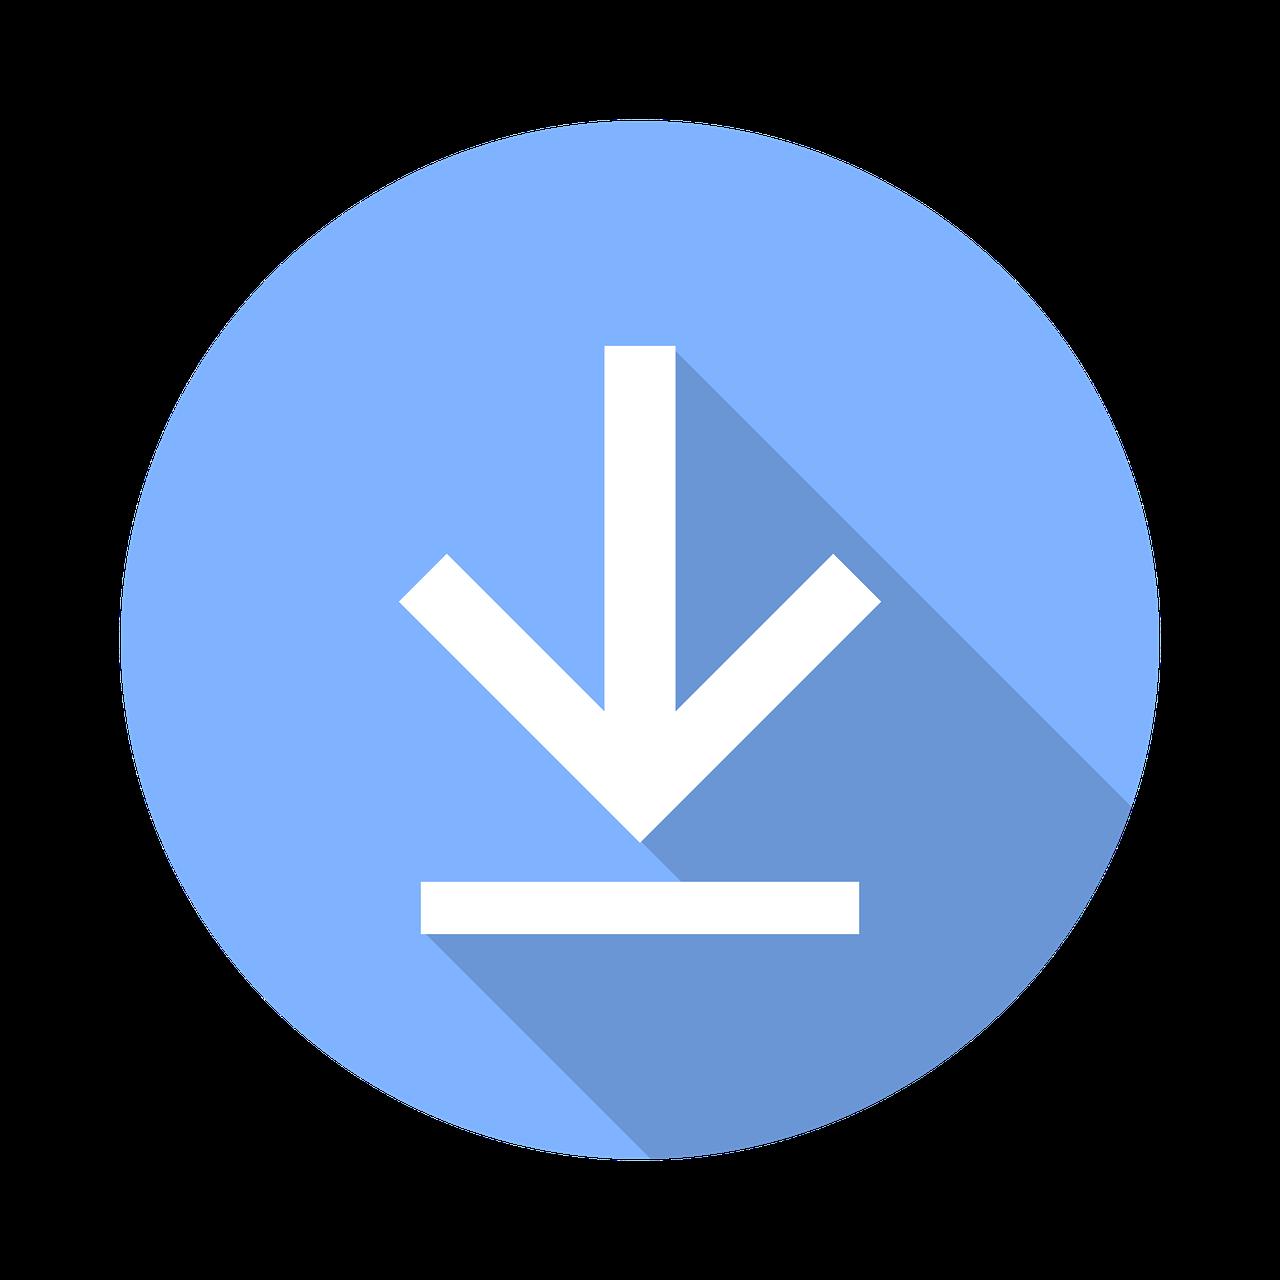 http://kandik.ru/files/SVEDENIYA%20OB%20OBRAZ_ORG/OBRAZOVANIE/OOP/icon.png